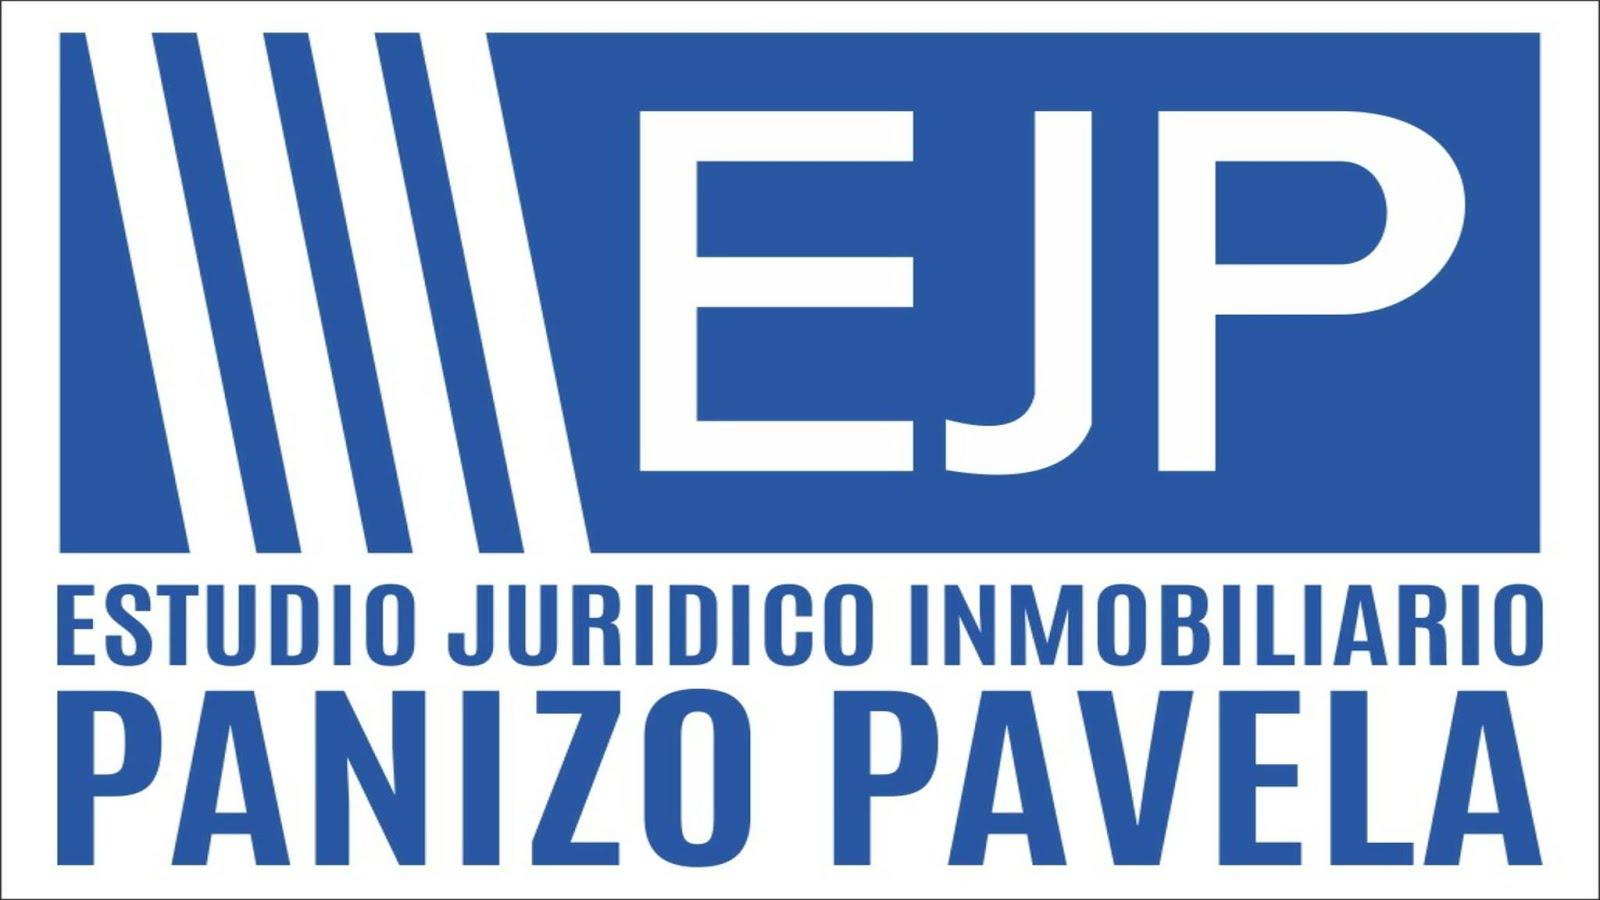 Abogados Mar del Plata :: Laboral, Familia, Civil, Inmob, Comercial, Previsional y Penal